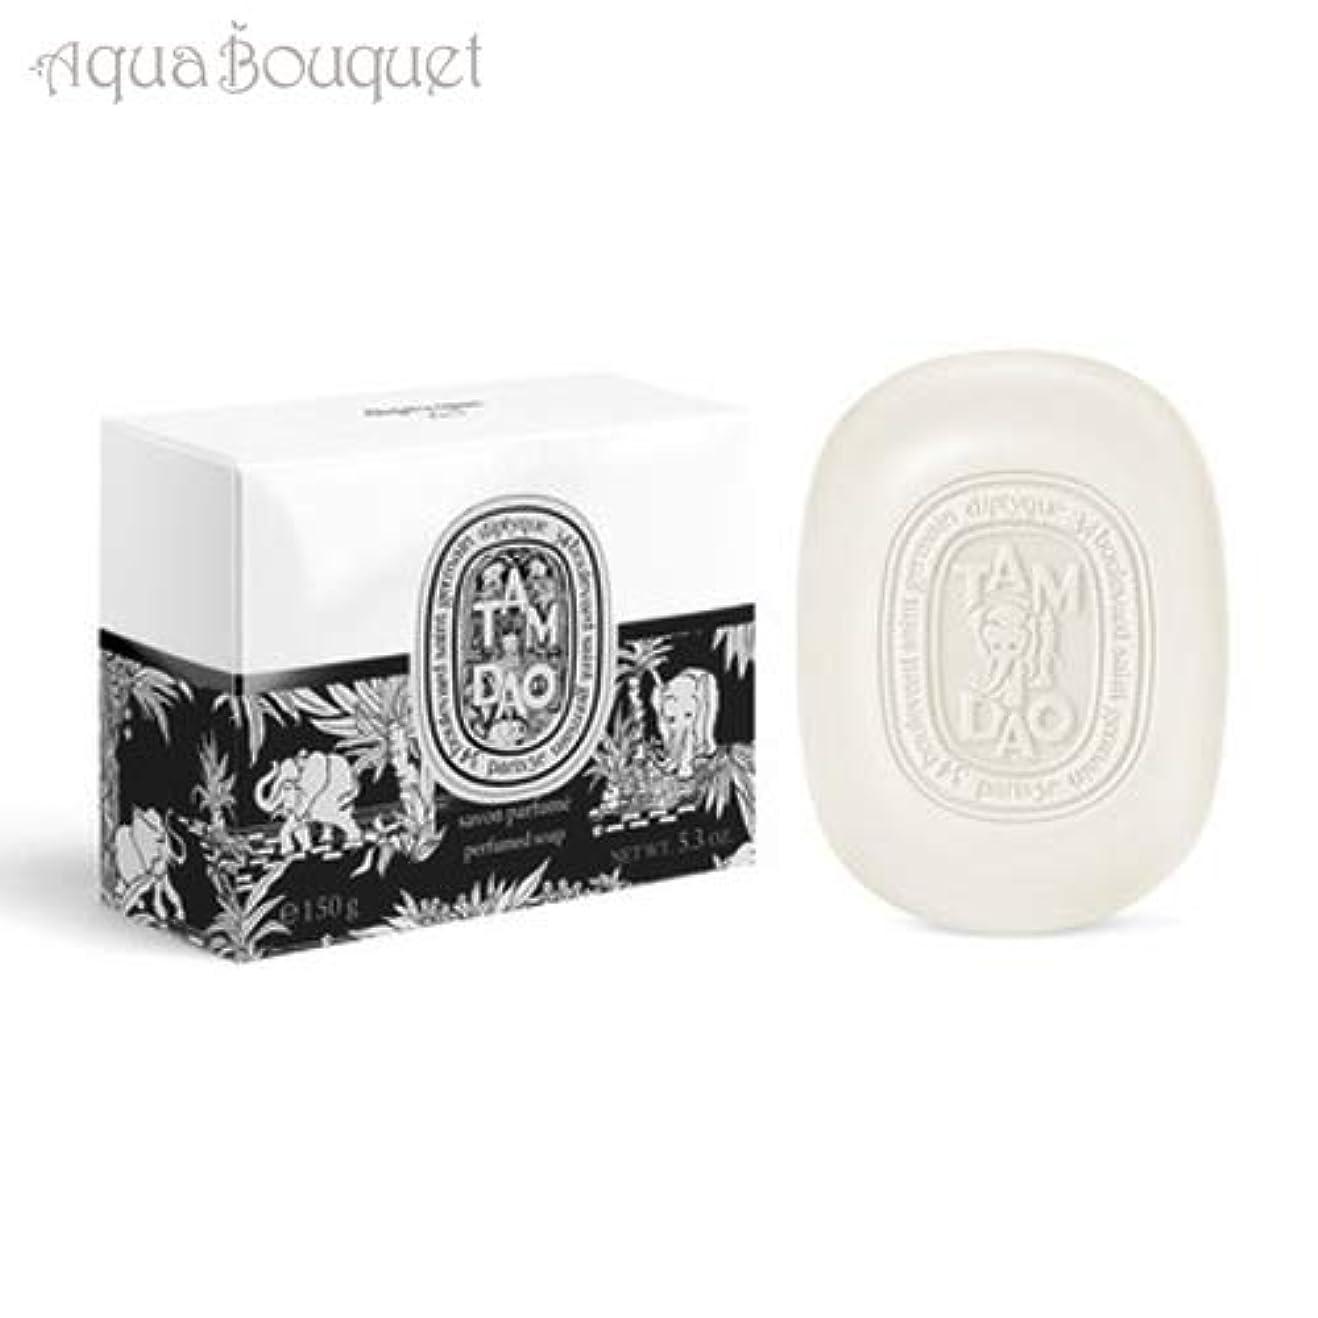 実行知覚的保存ディプティック タムダオ ソープ 150g DIPTYQUE TAMDAO PERFUMED SOAP [8289] [並行輸入品]